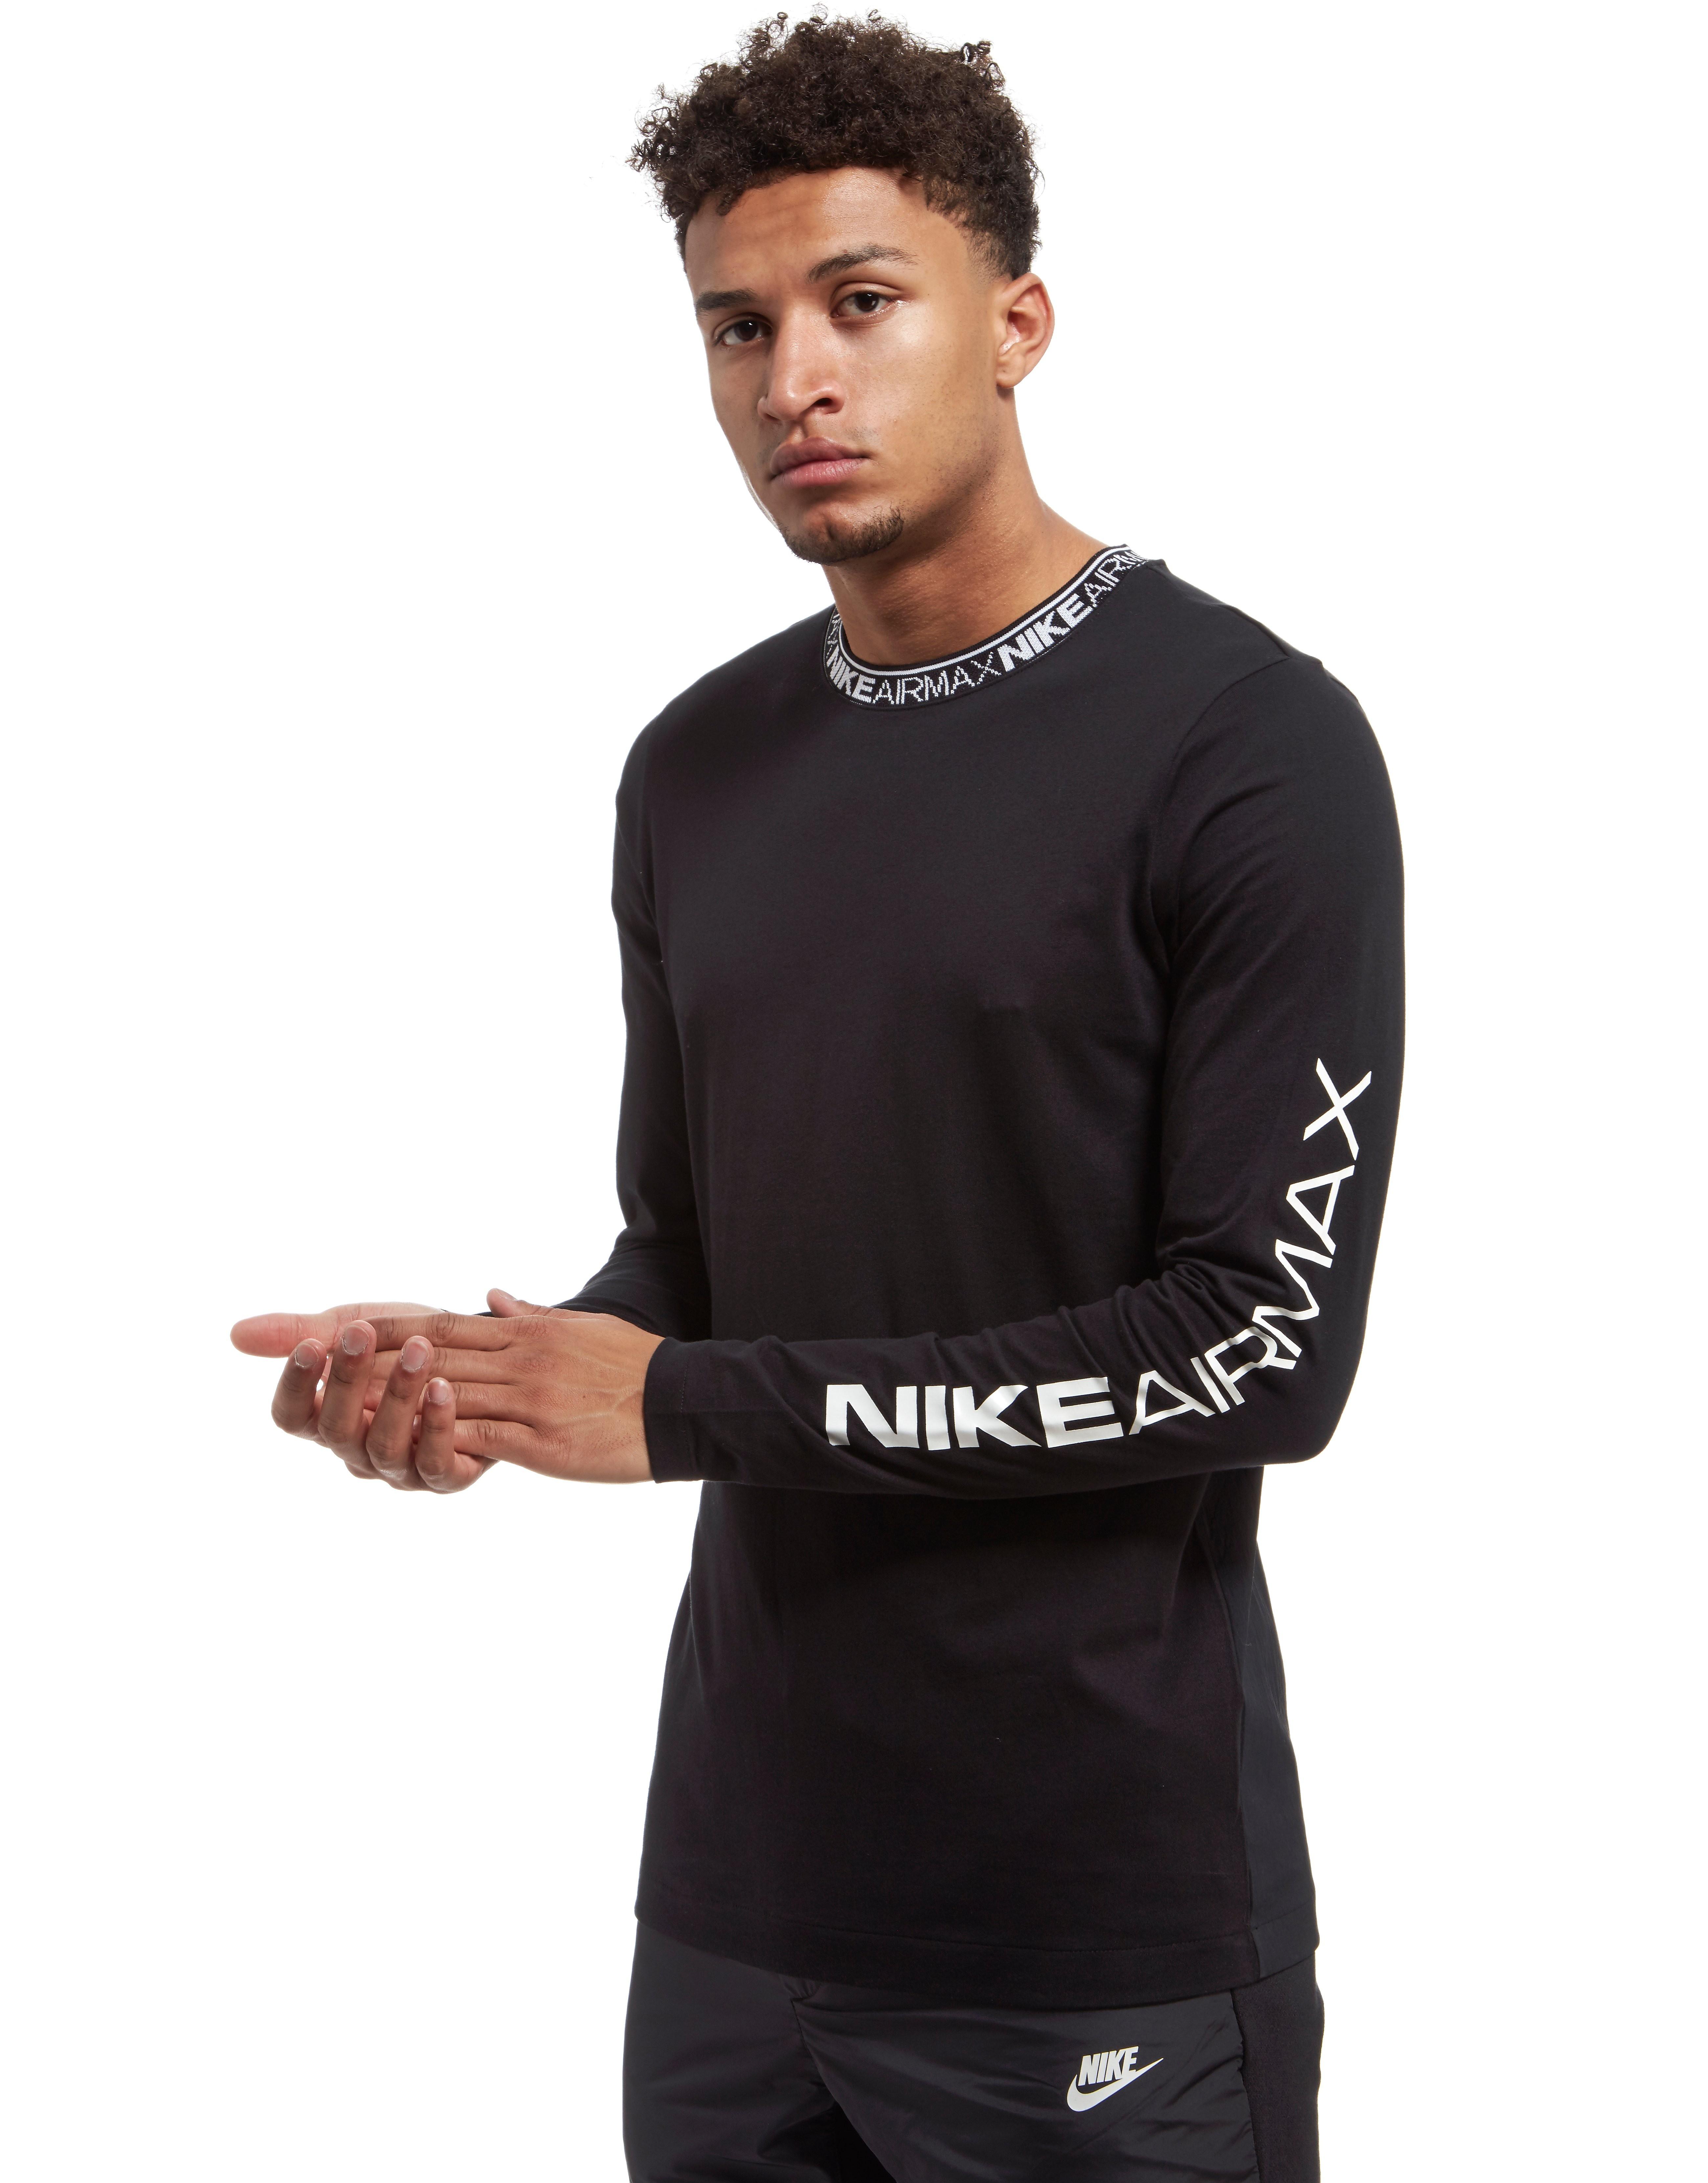 Nike Air Max Jacquard T-Shirt Homme